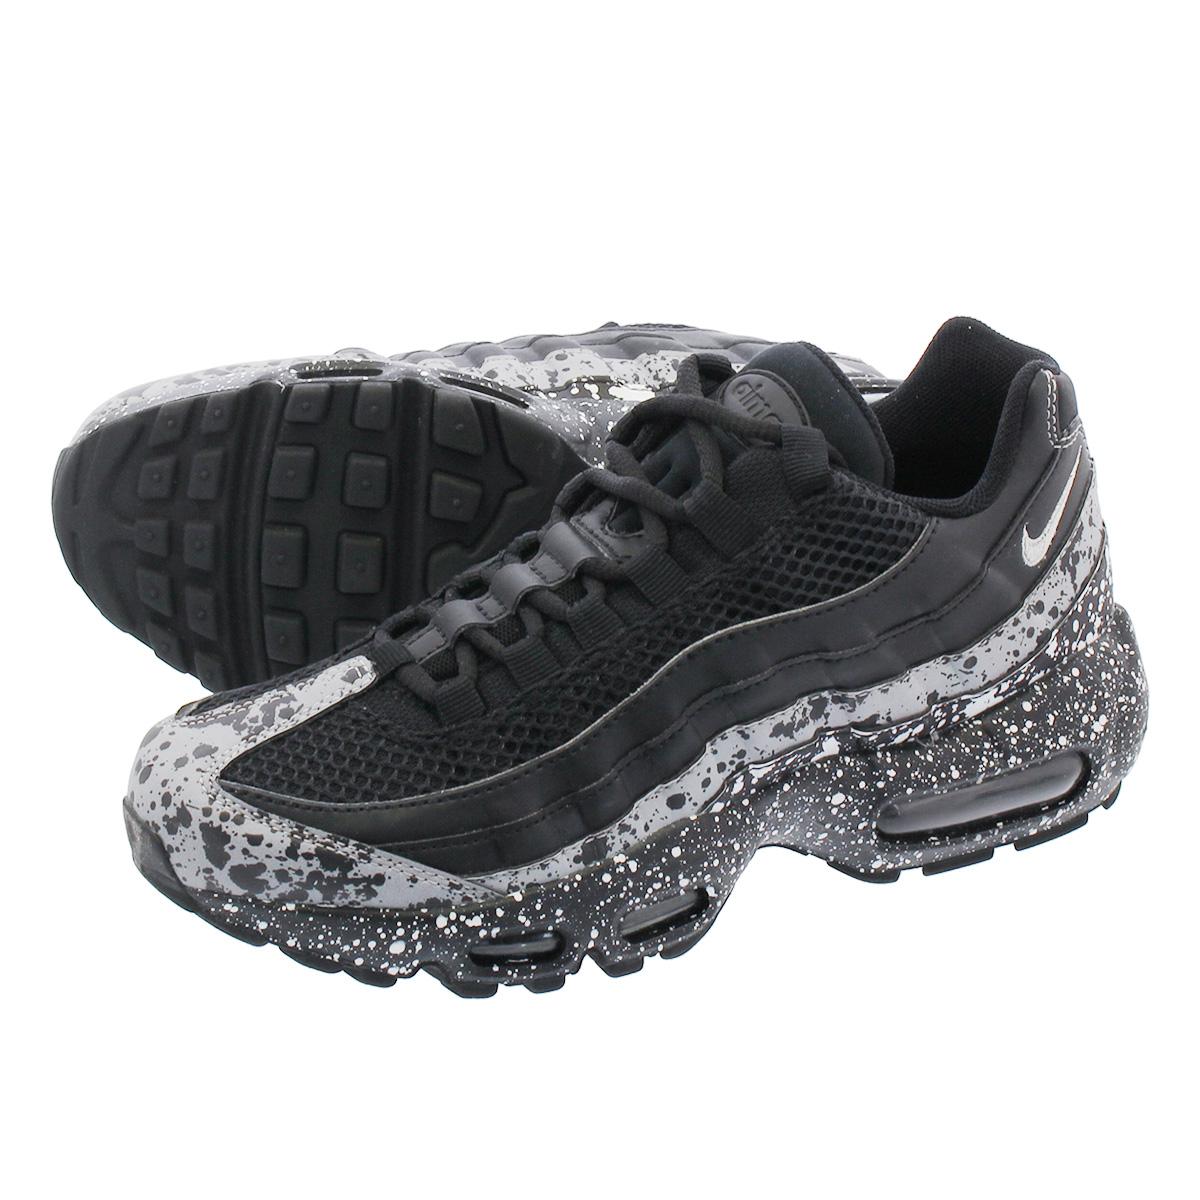 LOWTEX PLUS  NIKE WMNS AIR MAX 95 SE Nike women Air Max 95 SE BLACK ... 01fbe487d